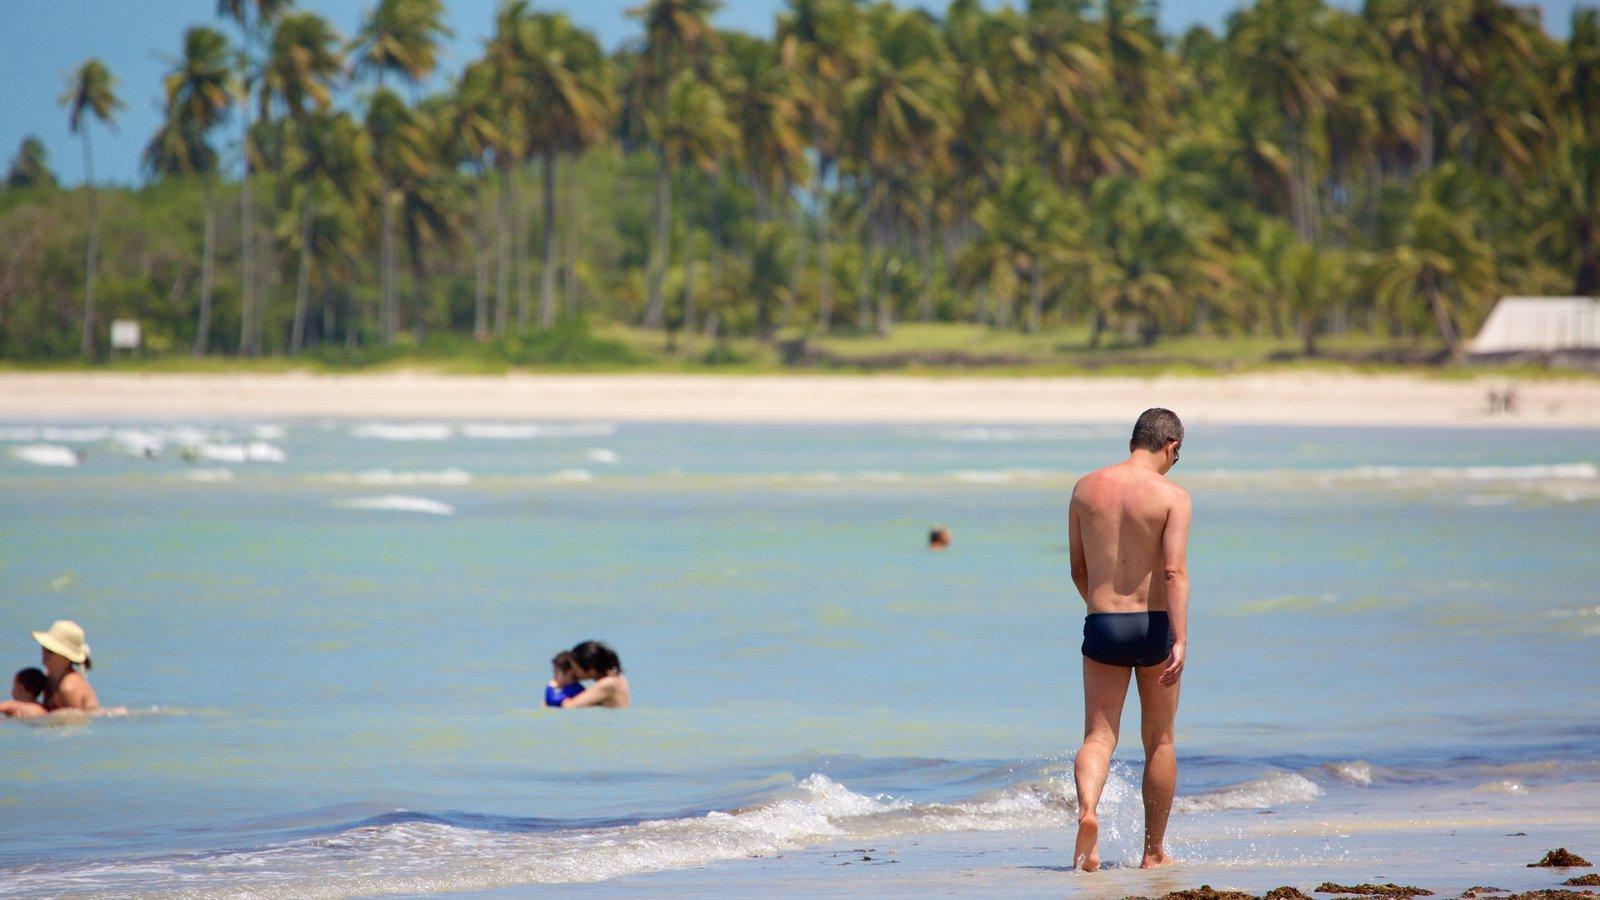 Praia de Paripueira mostrando uma praia de areia, paisagens litorâneas e natação